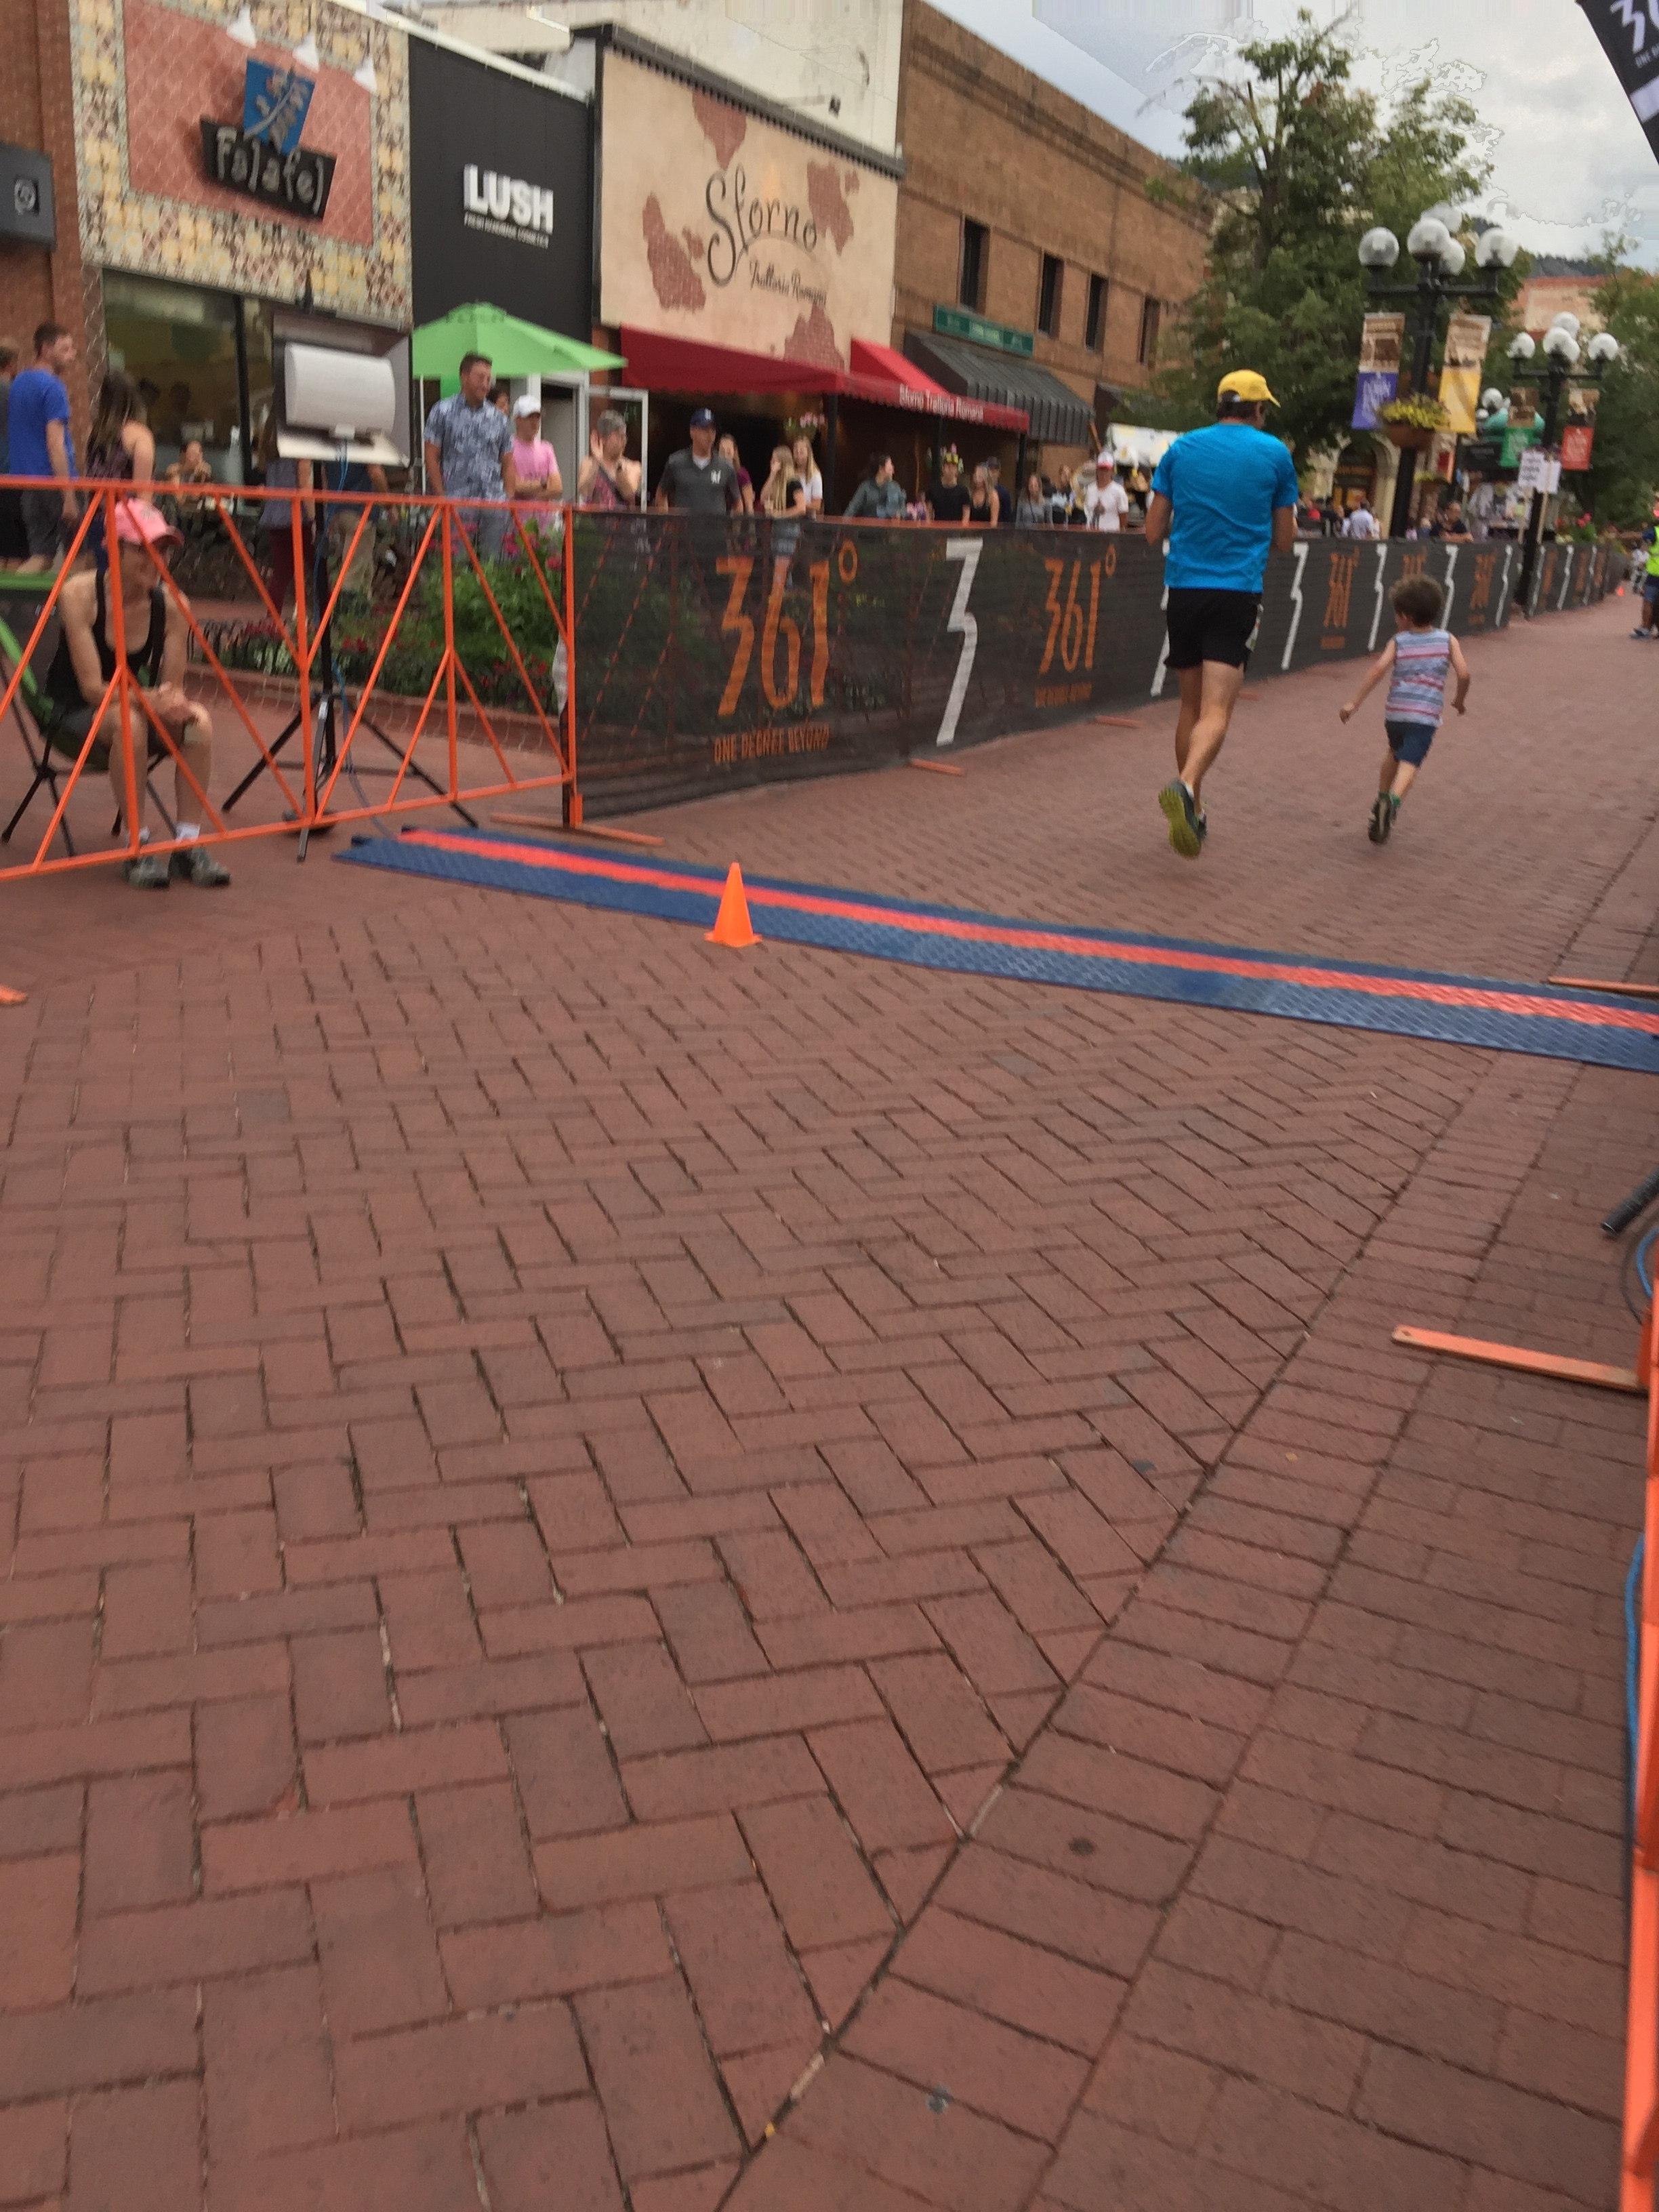 Still running past the finish line!